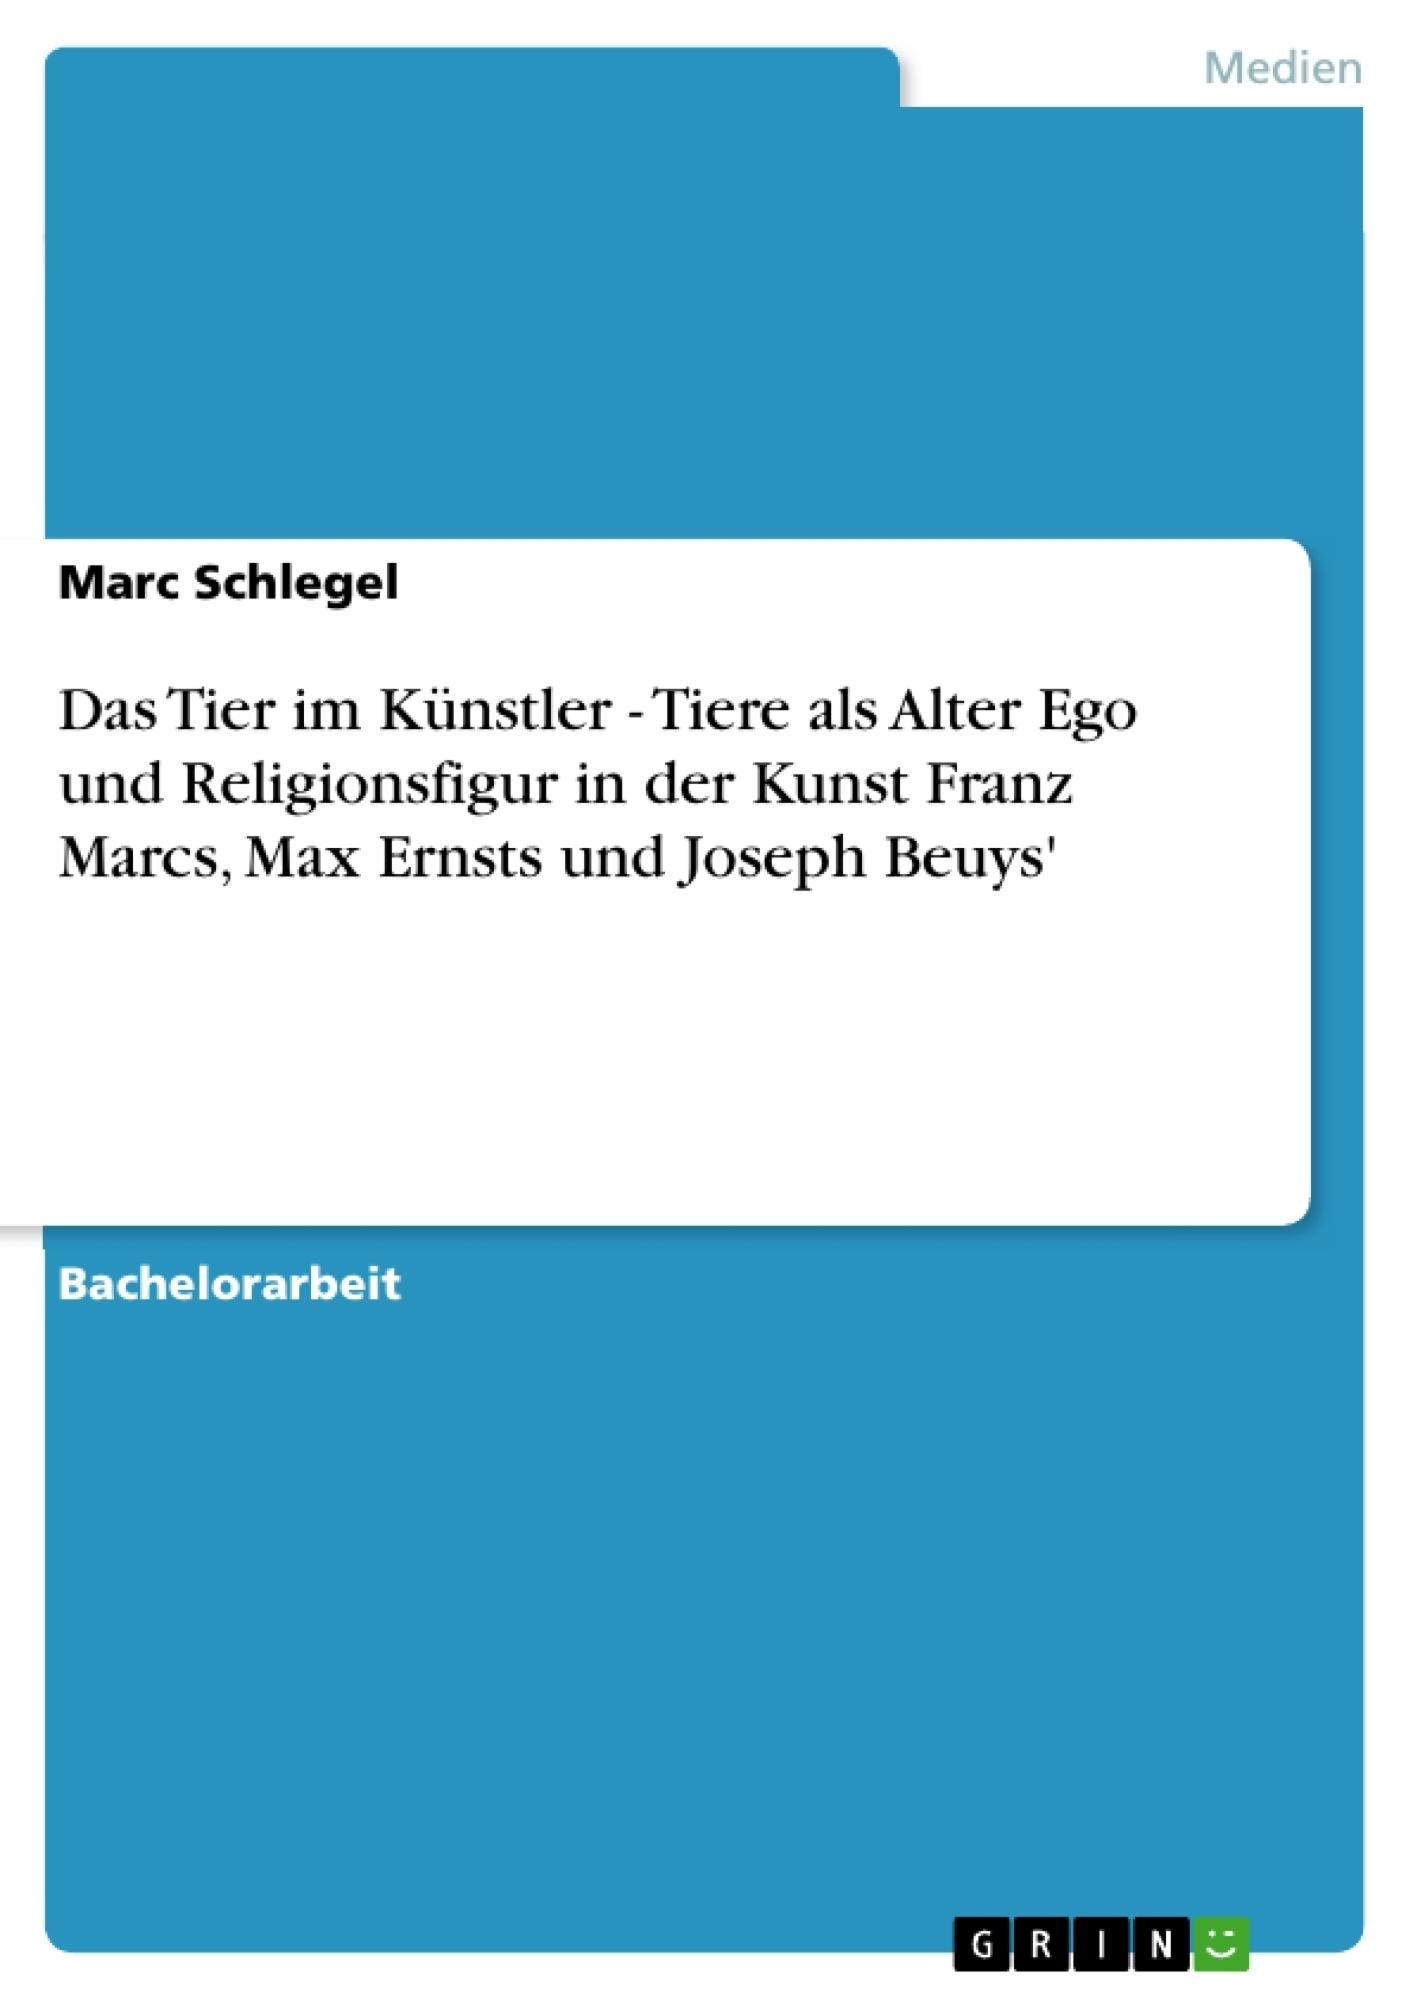 Titel: Das Tier im Künstler - Tiere als Alter Ego und Religionsfigur in der Kunst Franz Marcs, Max Ernsts und Joseph Beuys'